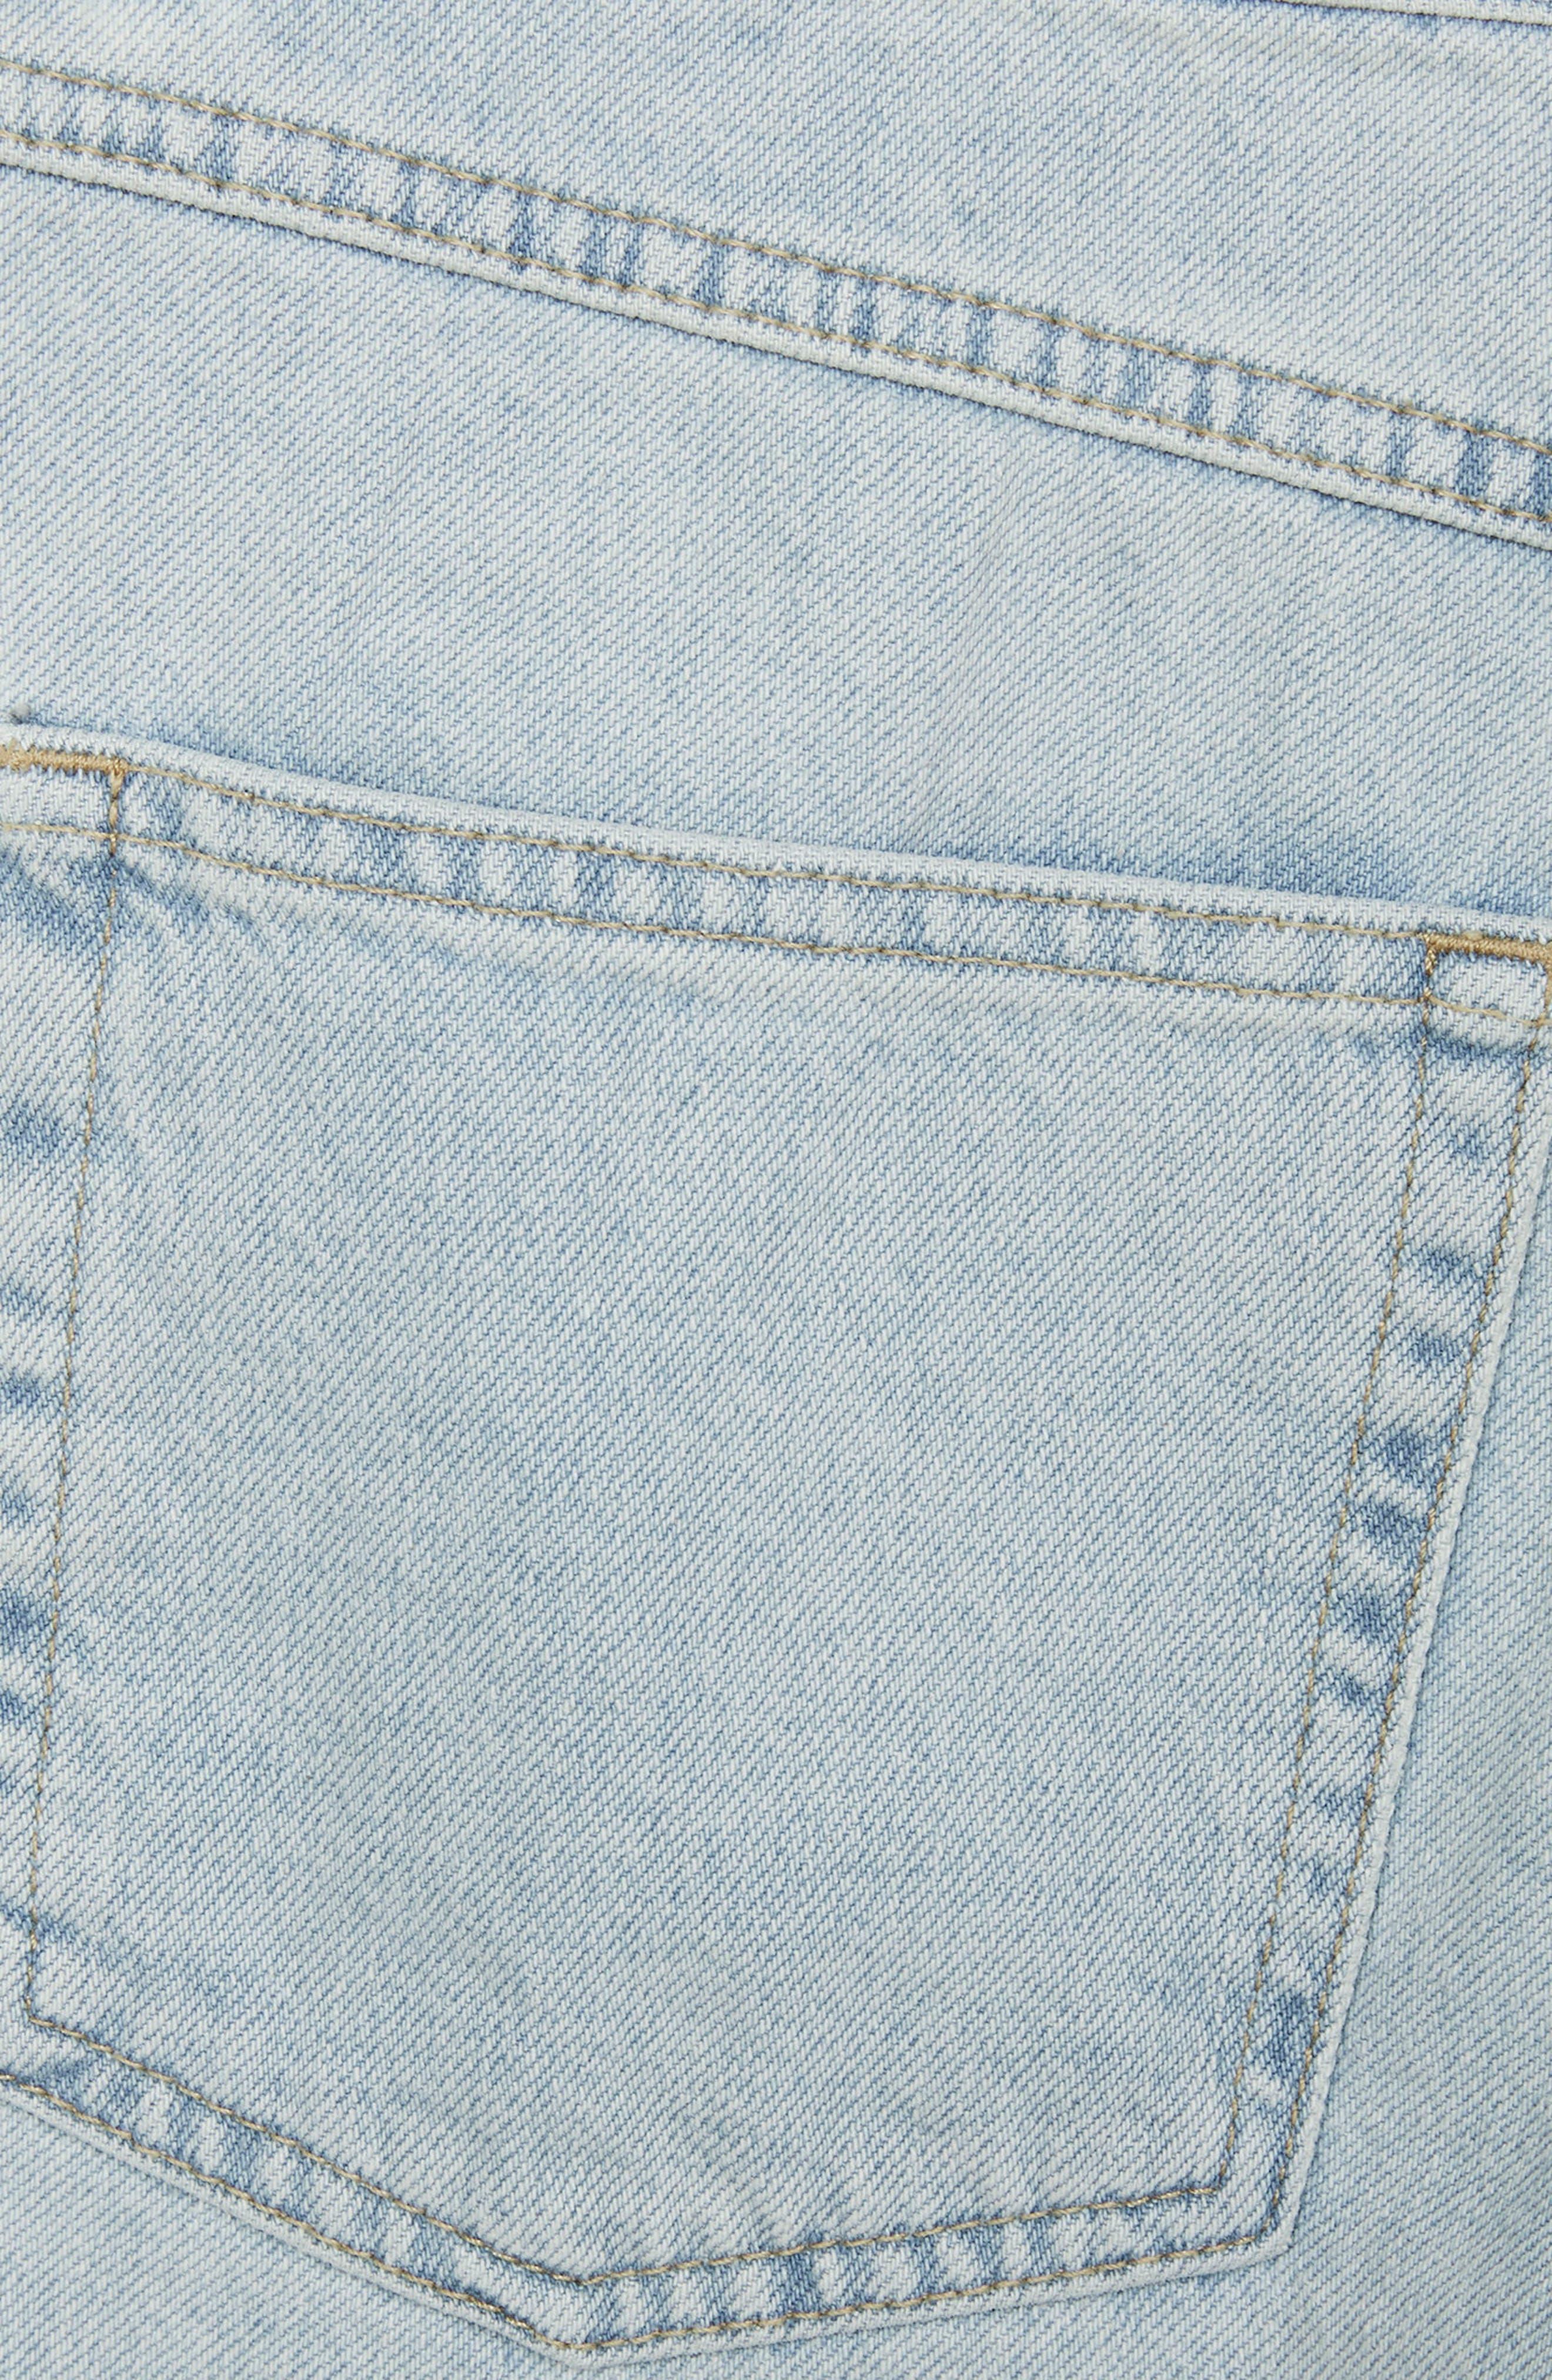 Boutique Bleach Denim Jeans,                             Alternate thumbnail 3, color,                             Light Denim